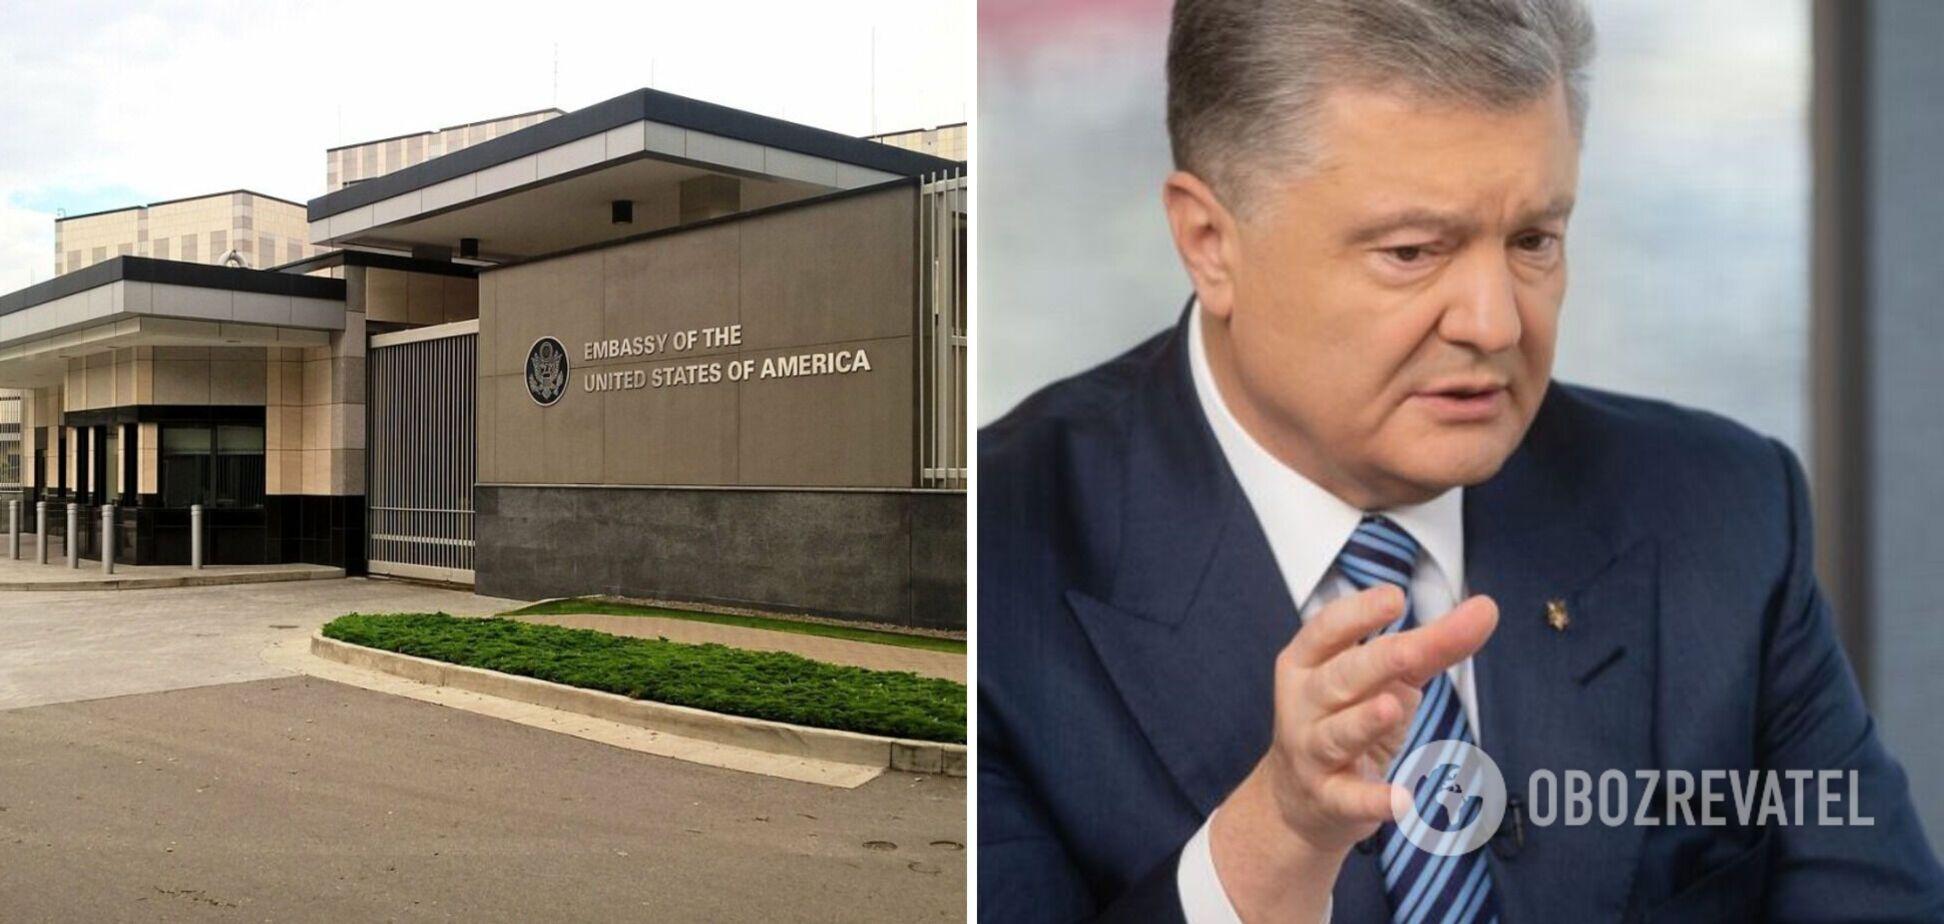 Посольство США – про напад на Порошенка: такому немає місця в демократичному суспільстві